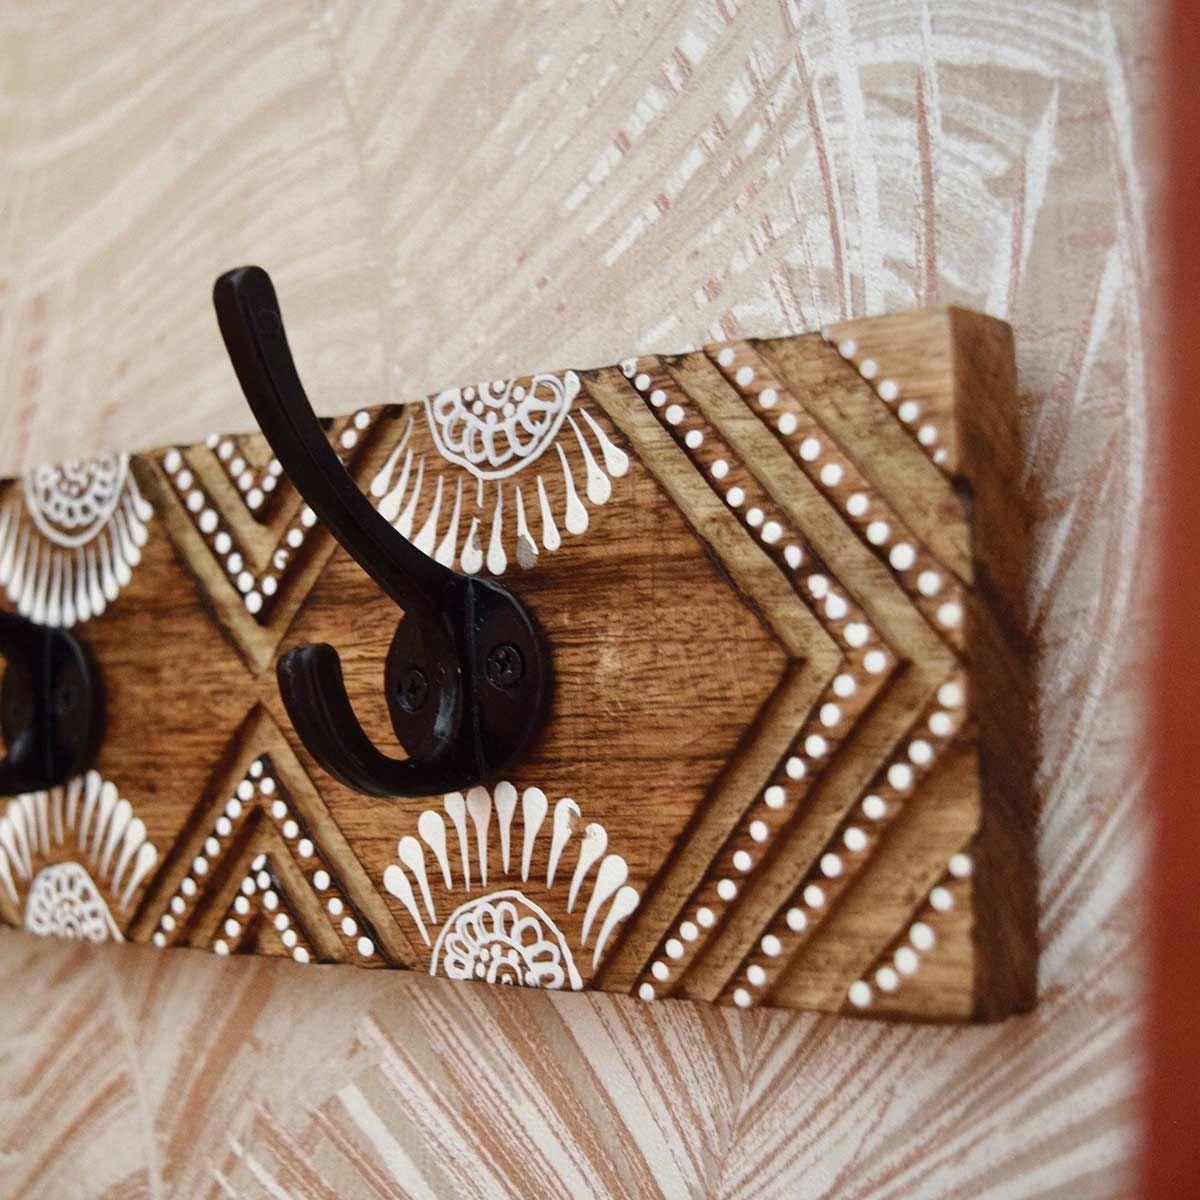 Patère en bois sculpté 5 crochets